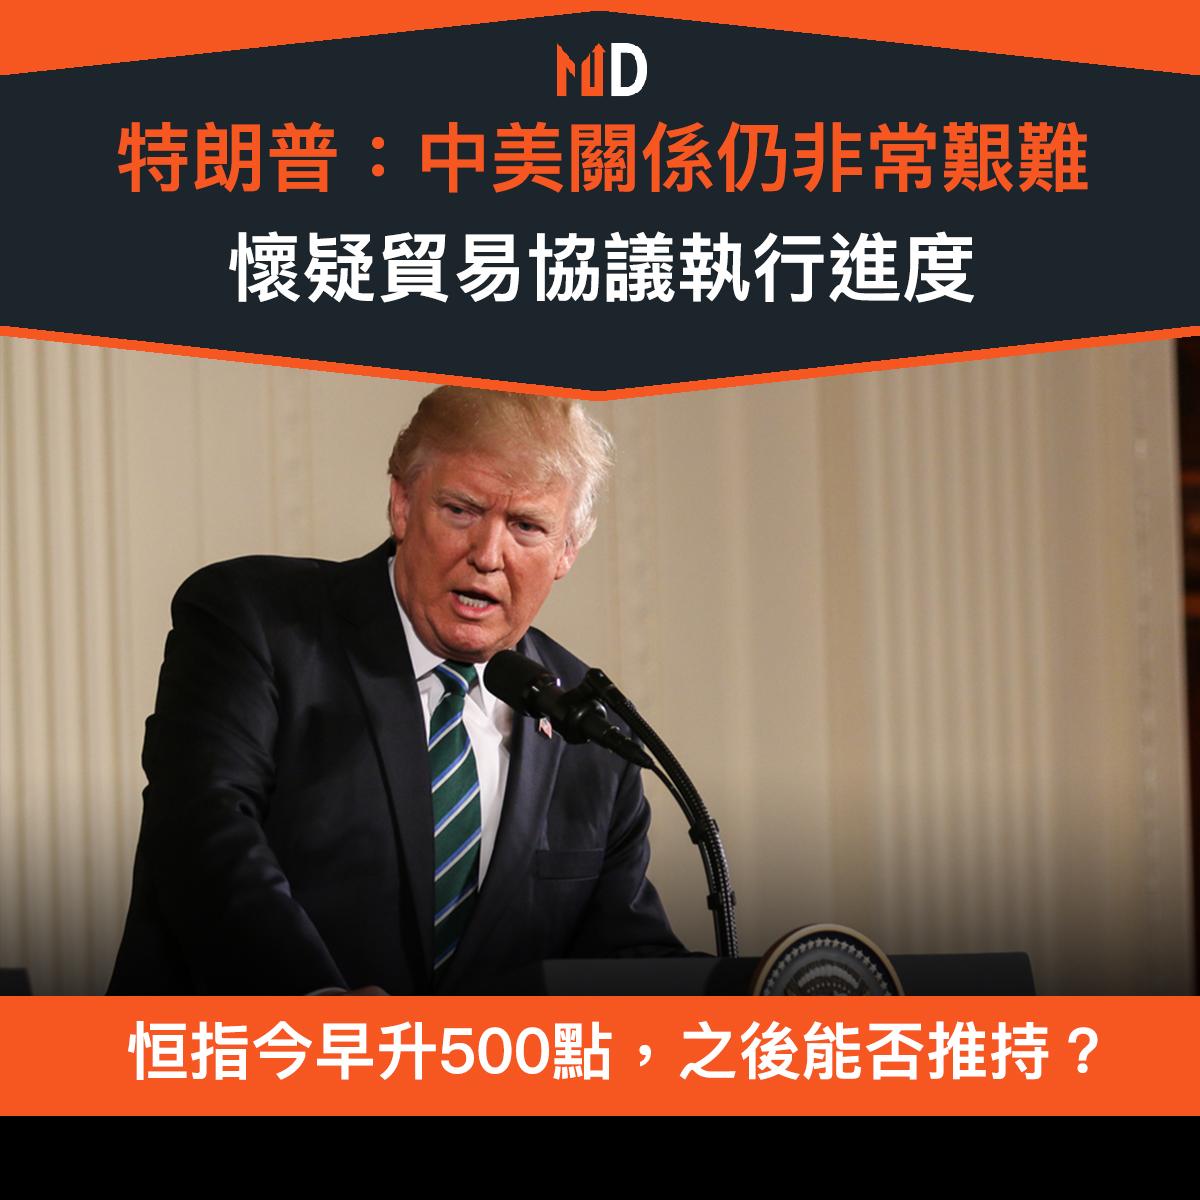 【市場熱話】中美貿易戰火重燃?特朗普:中美關係仍非常艱難,懷疑協議執行進度